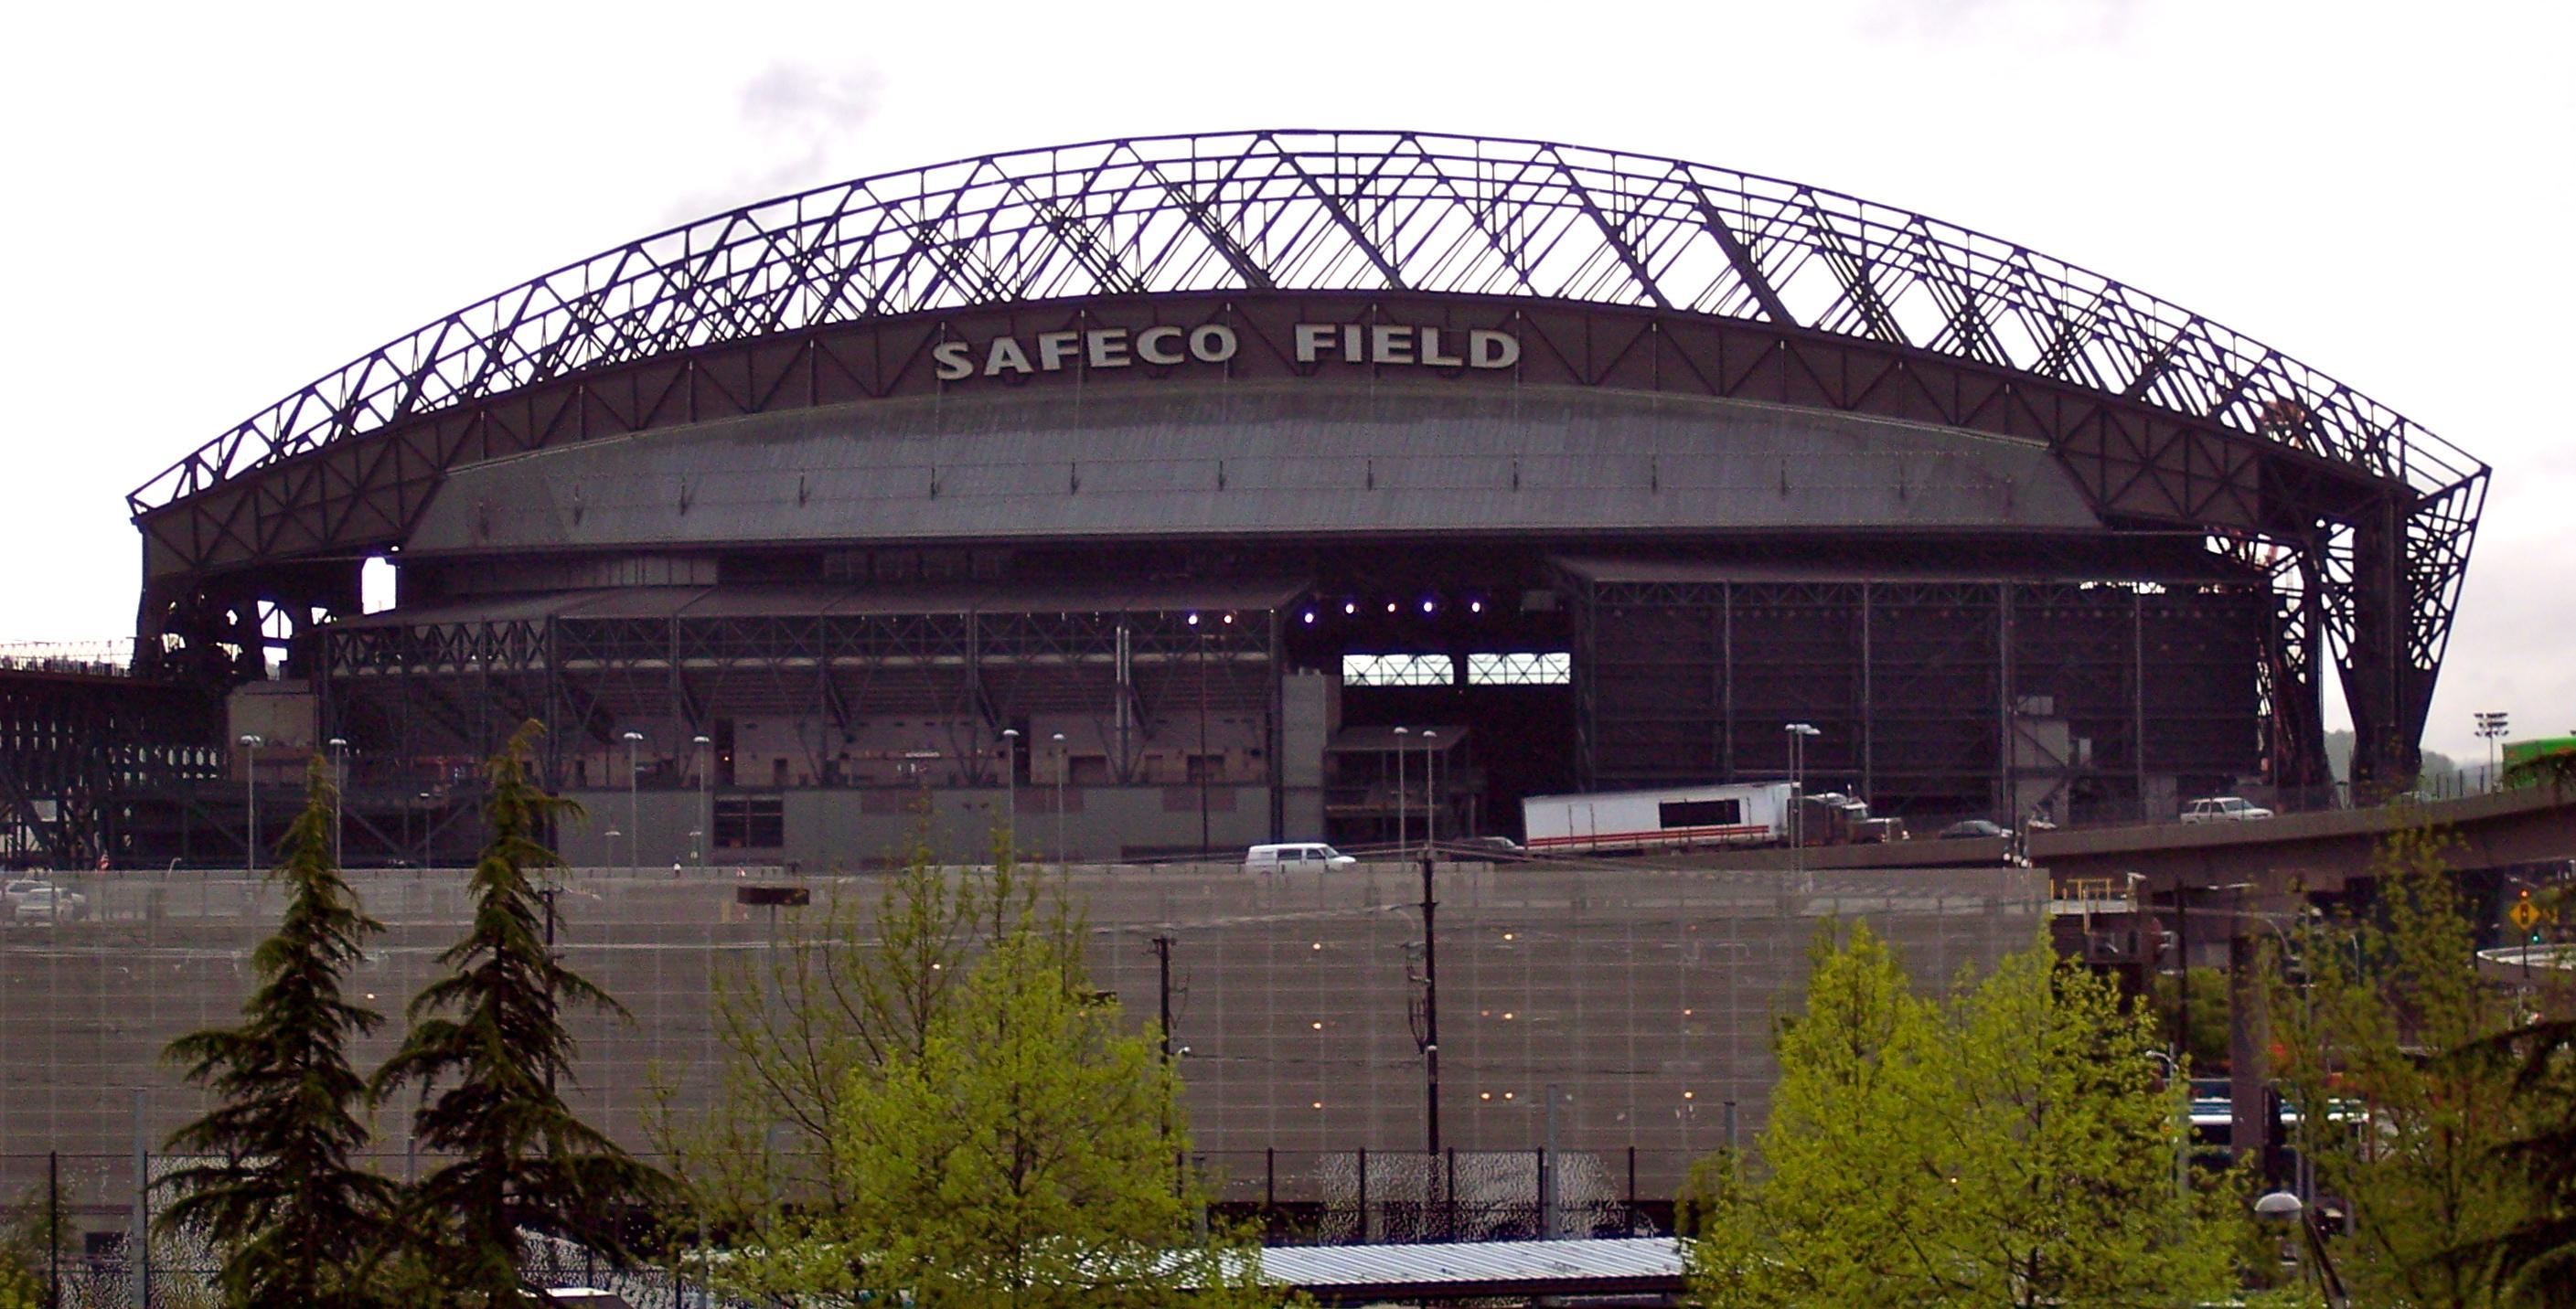 Outside_Safeco_Field,_Seattle.jpg